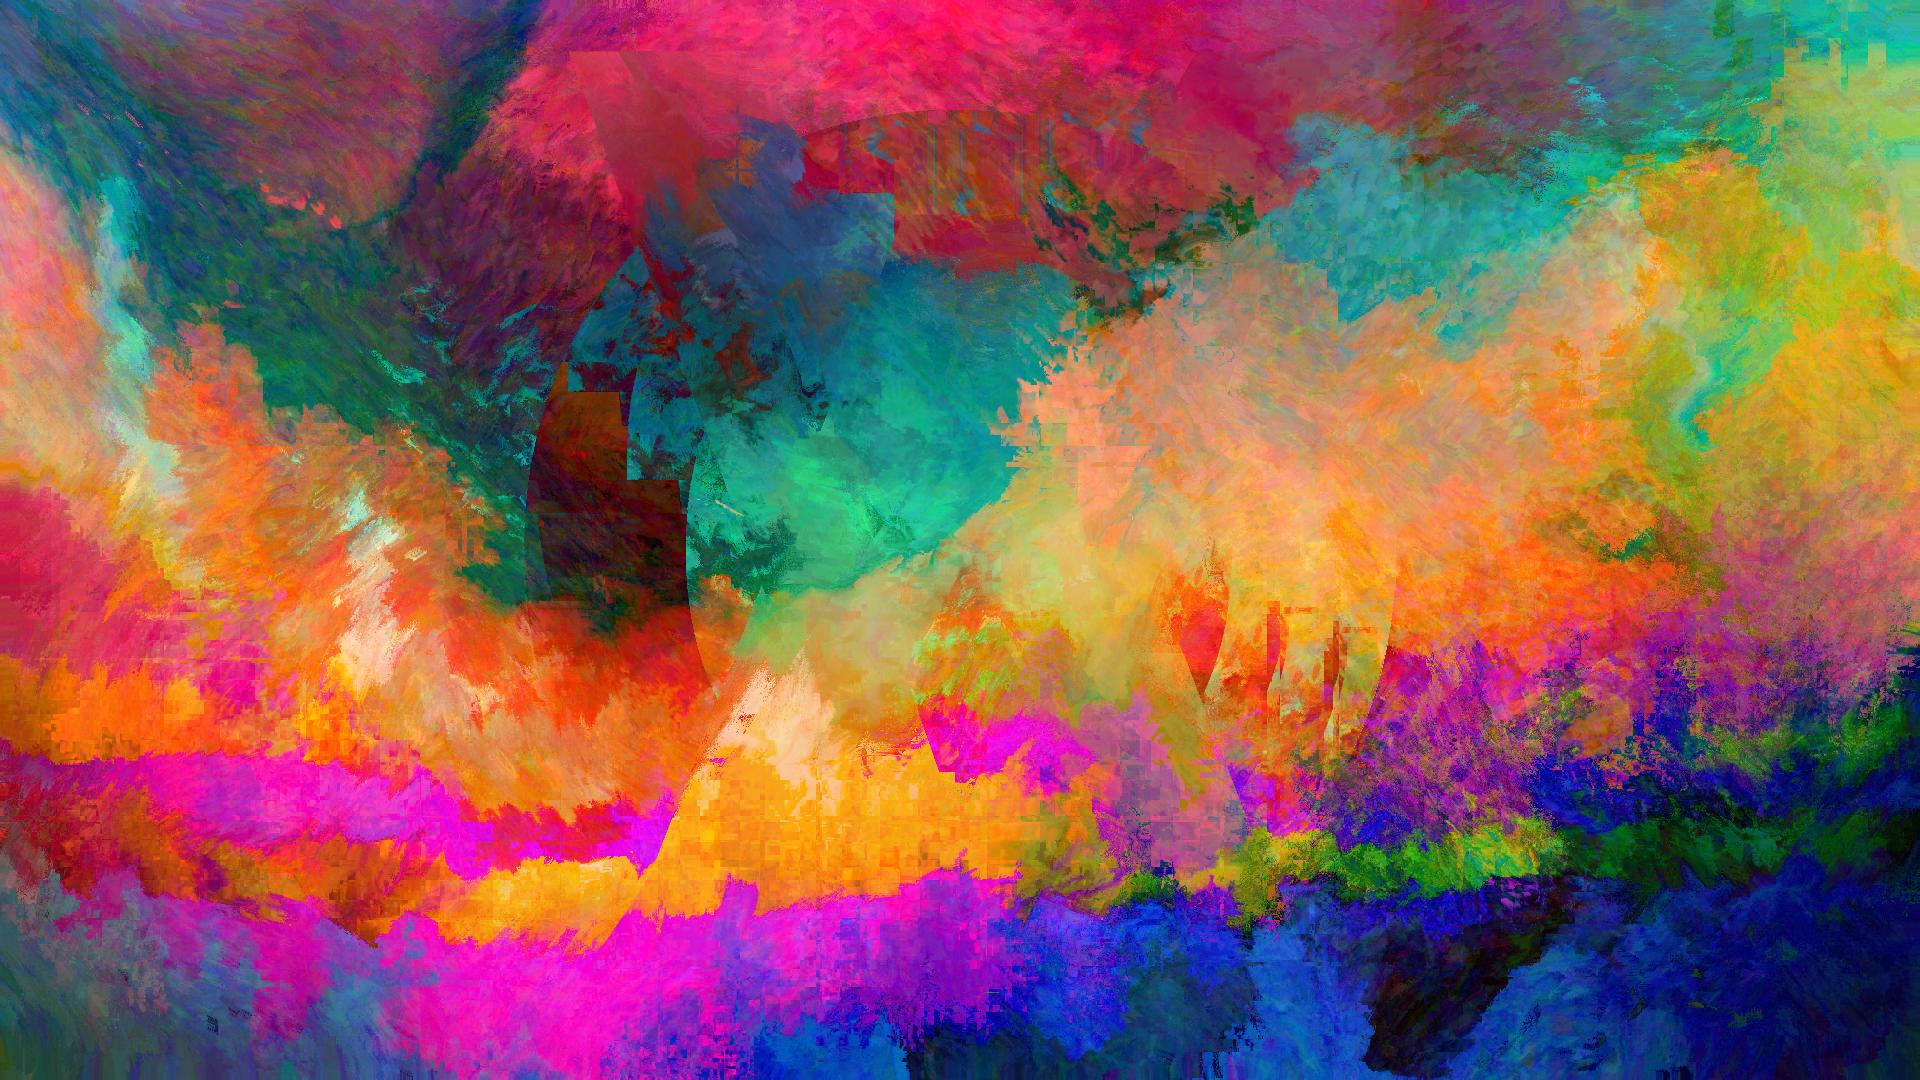 Fond D Ecran La Peinture Abstrait Glitch Art Lsd Texture Couleur Arc En Ciel Art Moderne Art Psychedelique Peinture Acrylique Phenomene Meteorologique Impressionniste 1920x1080 Maharaj 55702 Fond D Ecran Wallhere